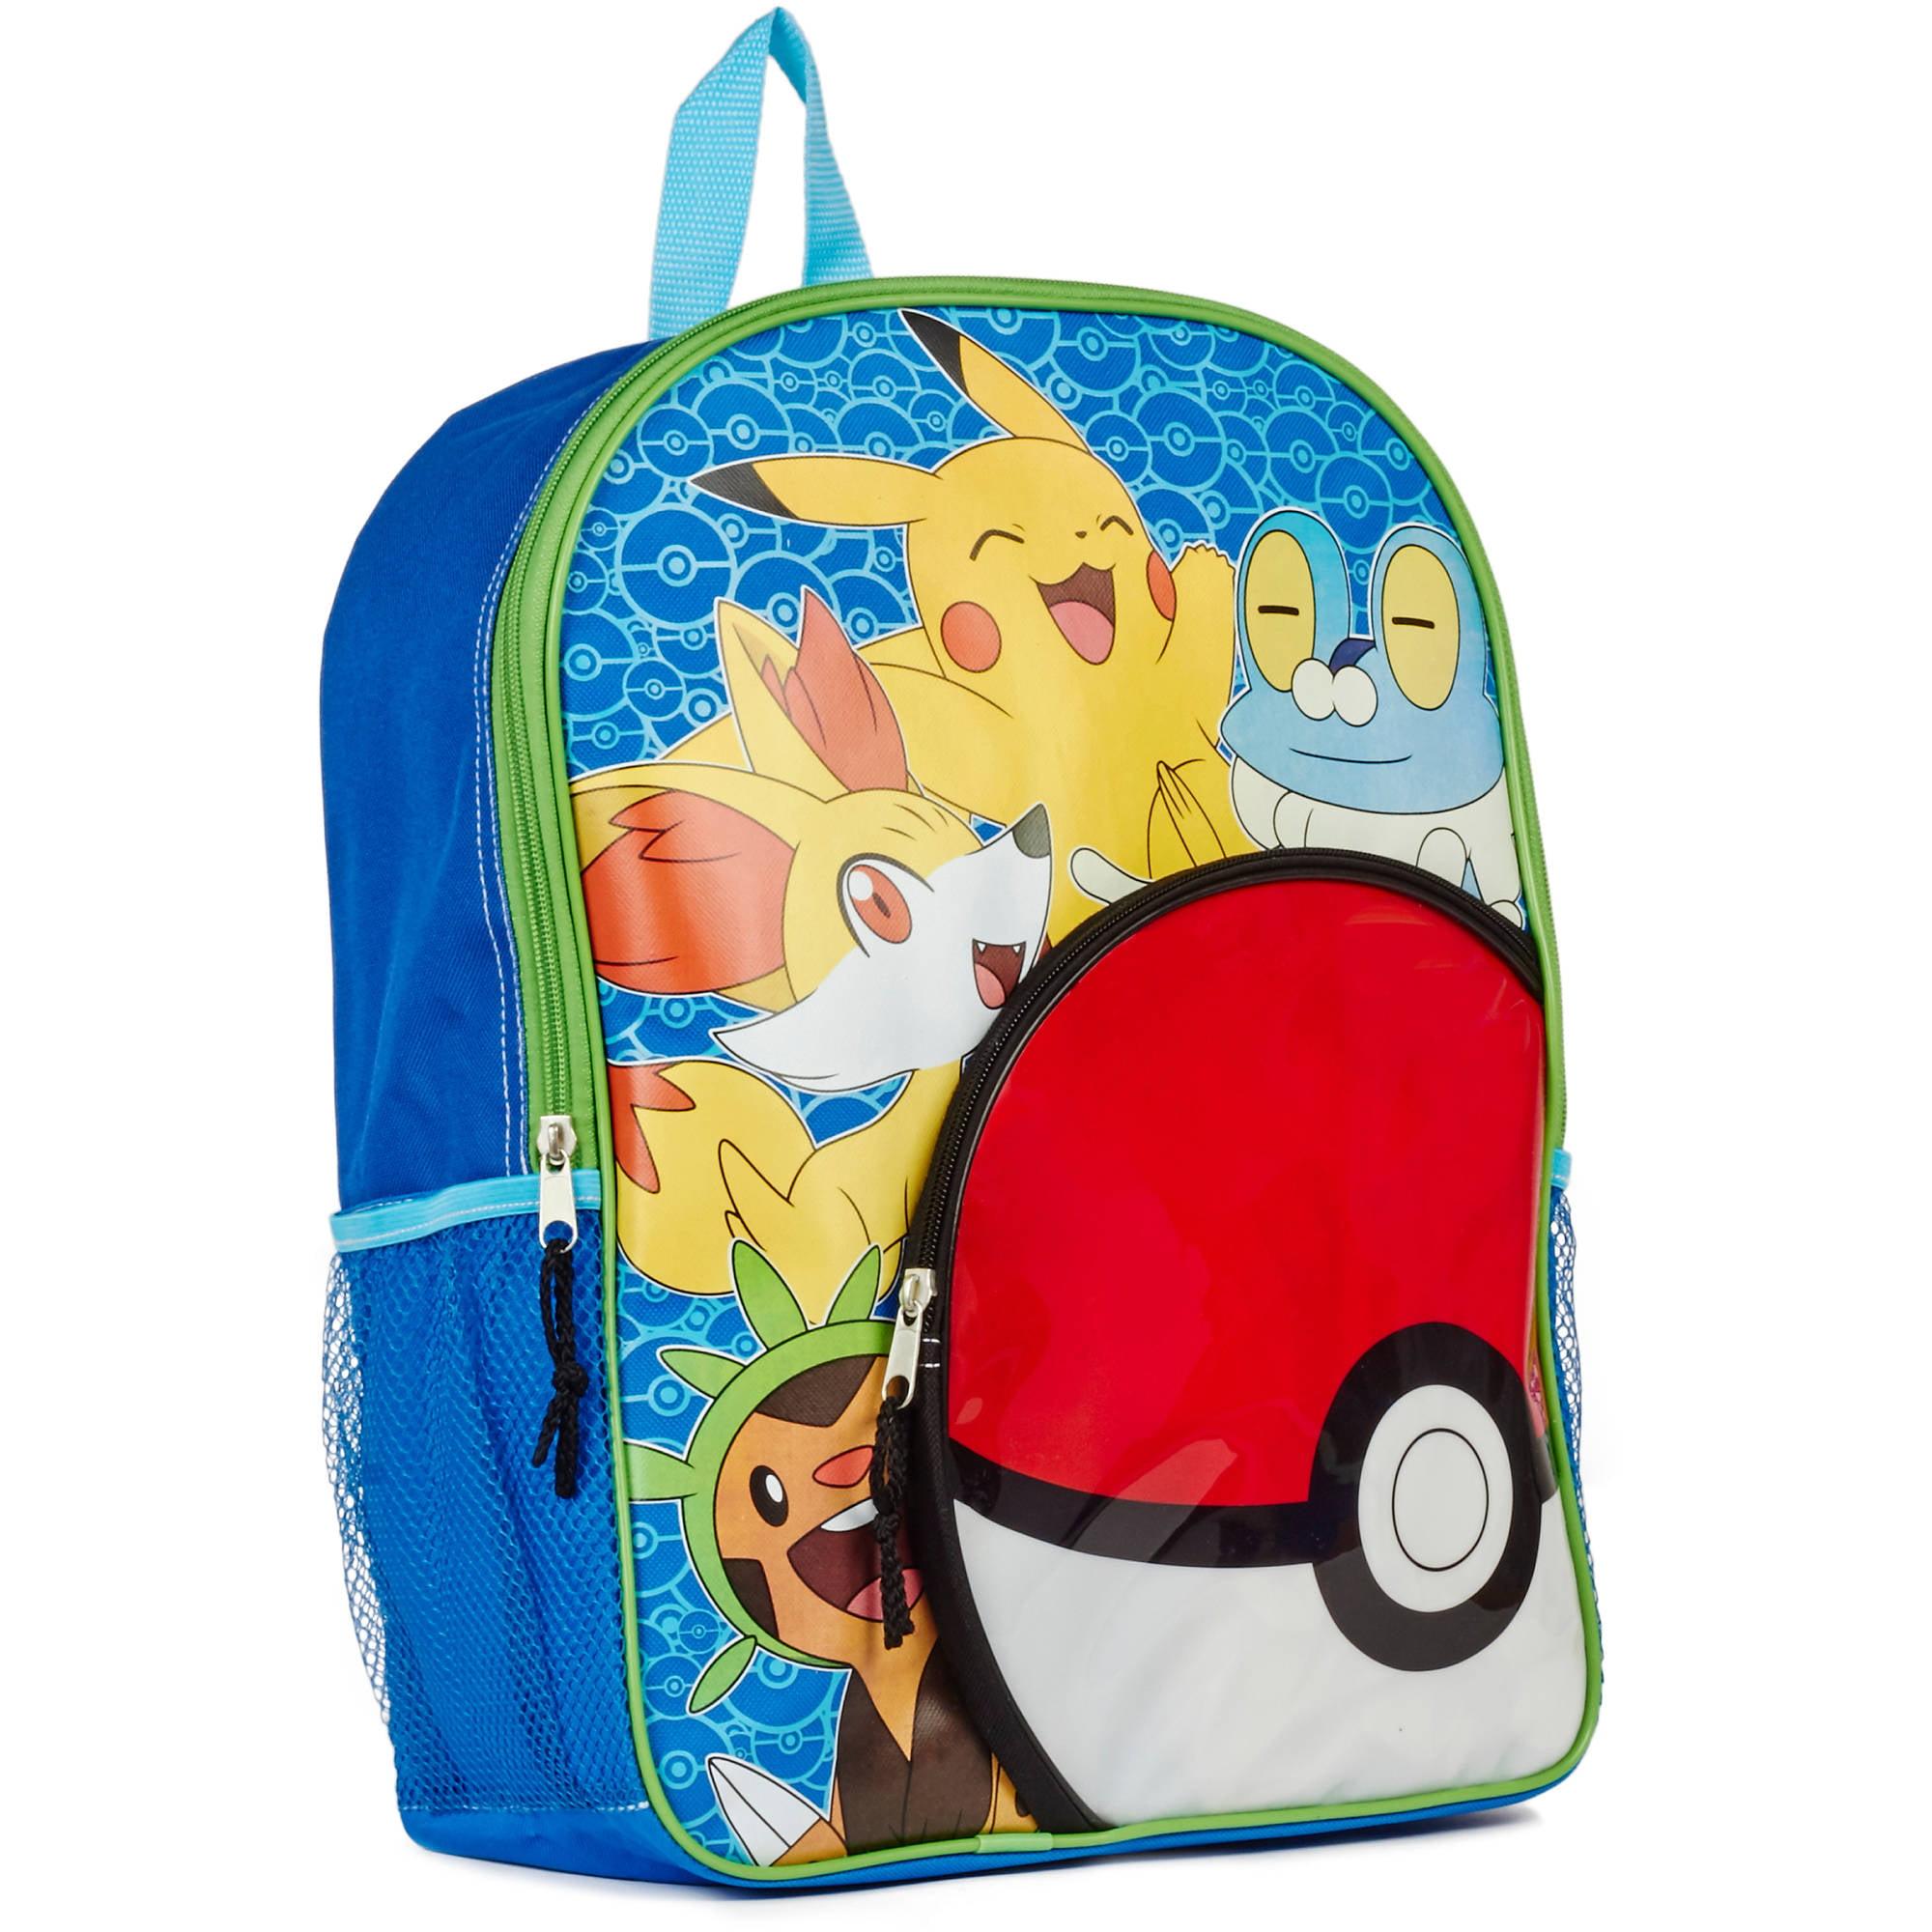 Pokemon Backpack - Walmart.com